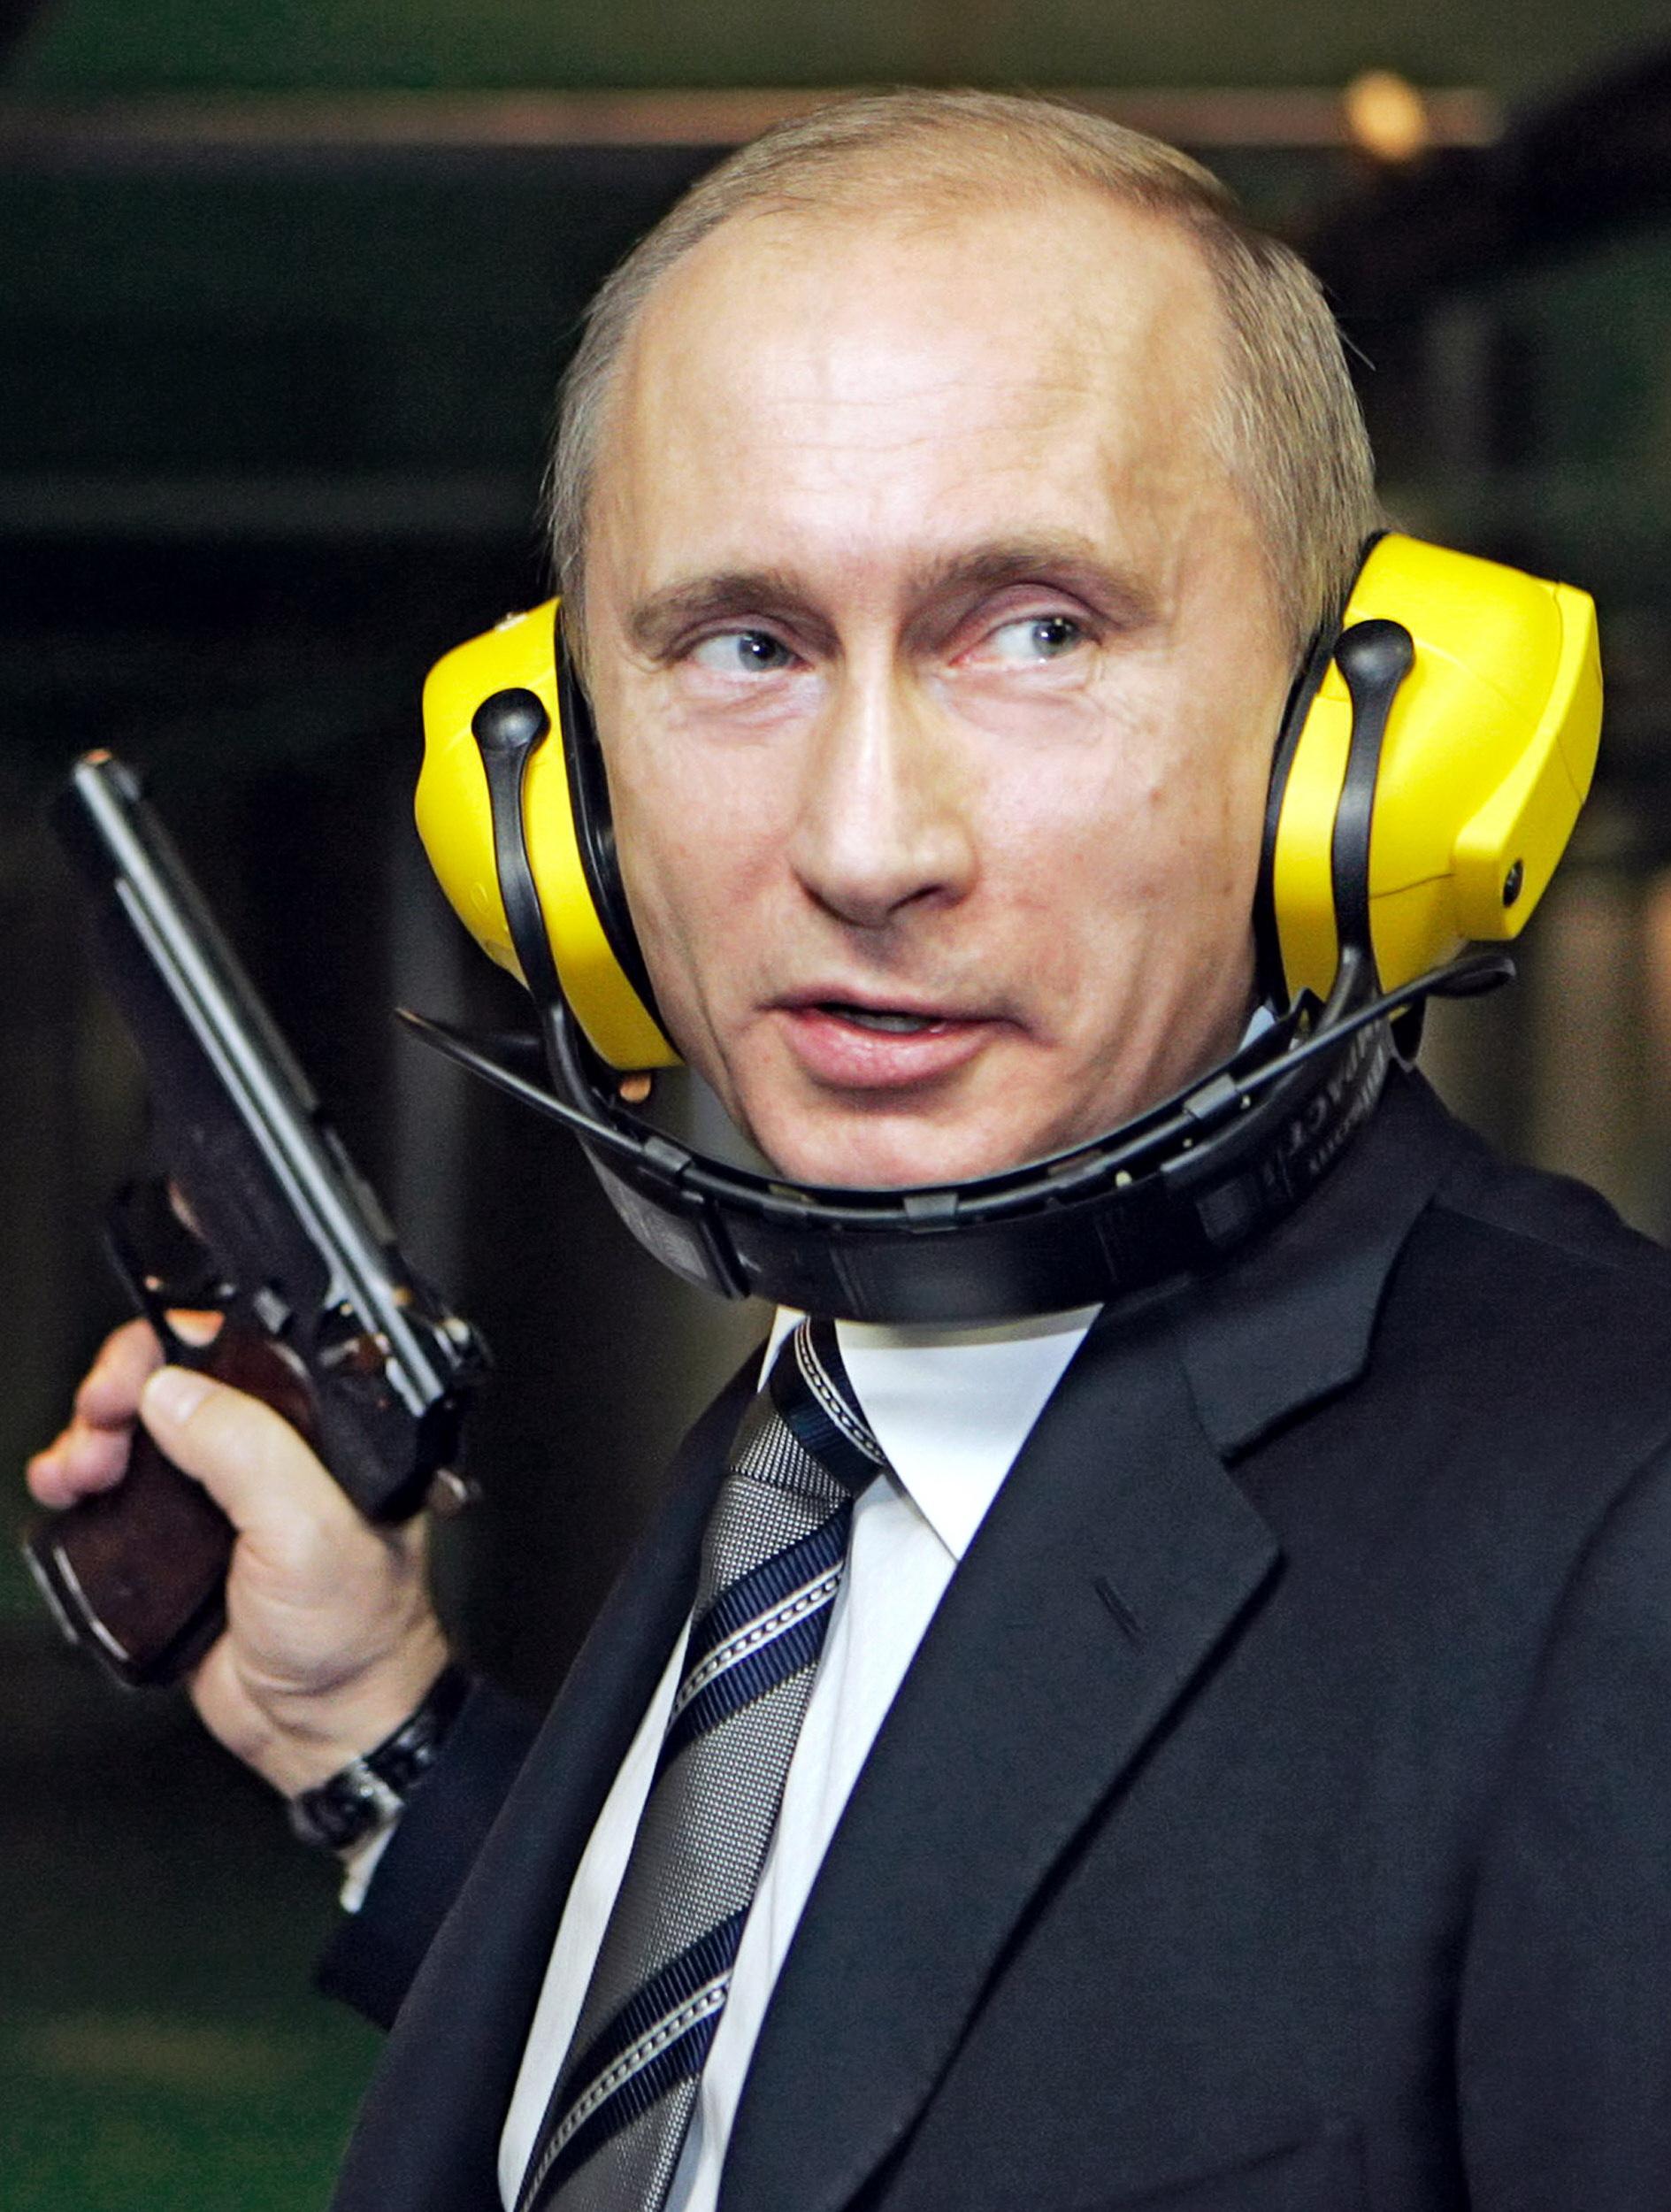 2006년 11월 8일, 새로 건축한 러시아군 정보국(GRU) 본부를 방문해 권총 사격을 해보는 푸틴. 그 자신이 정보기관 출신이다. [AFP=연합뉴스]